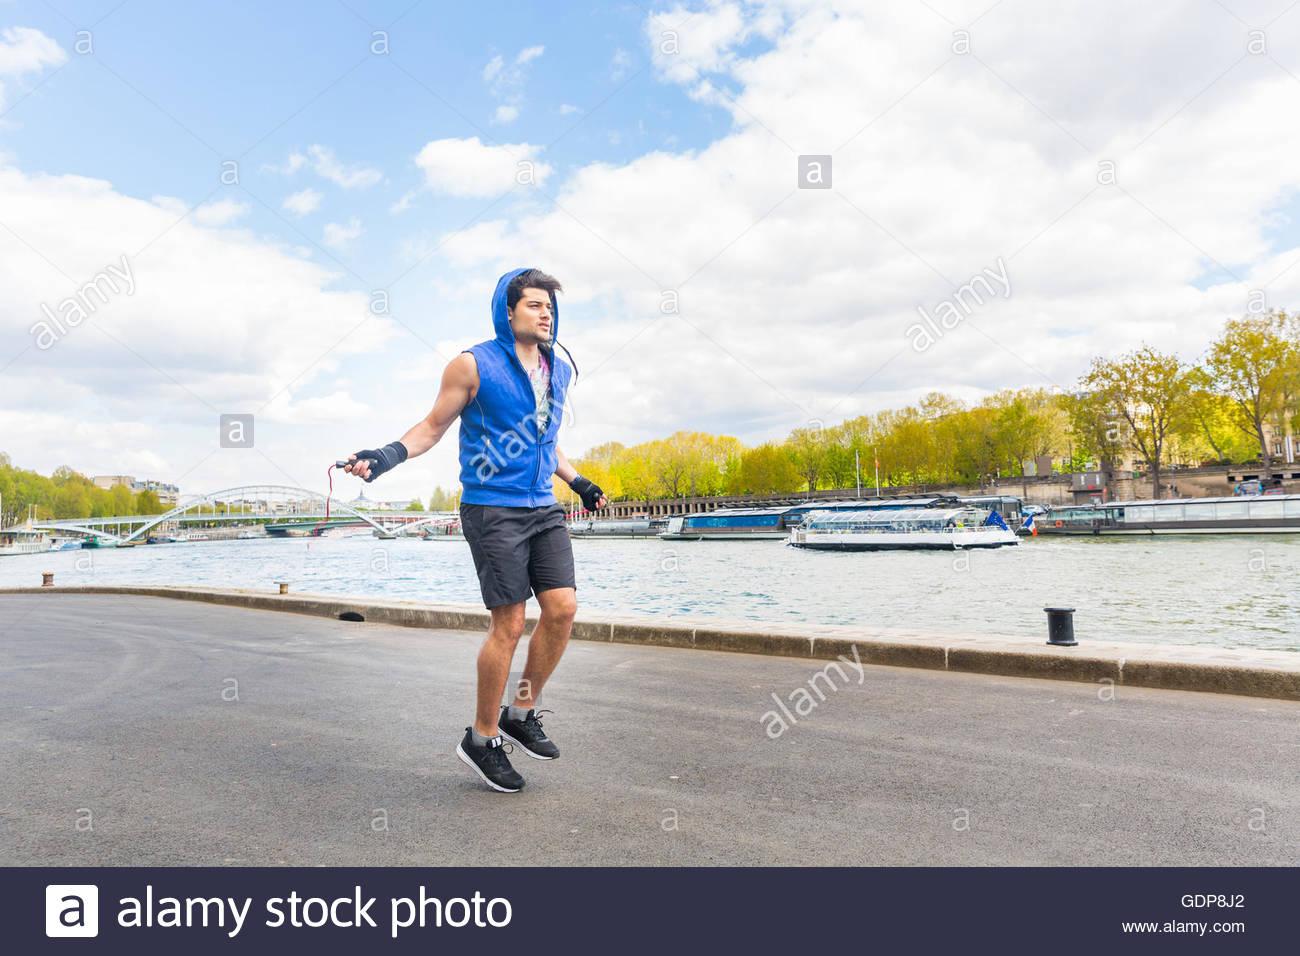 Junger Mann, Bewegung in der Natur, mit Springseil, neben Fluss überspringen Stockbild